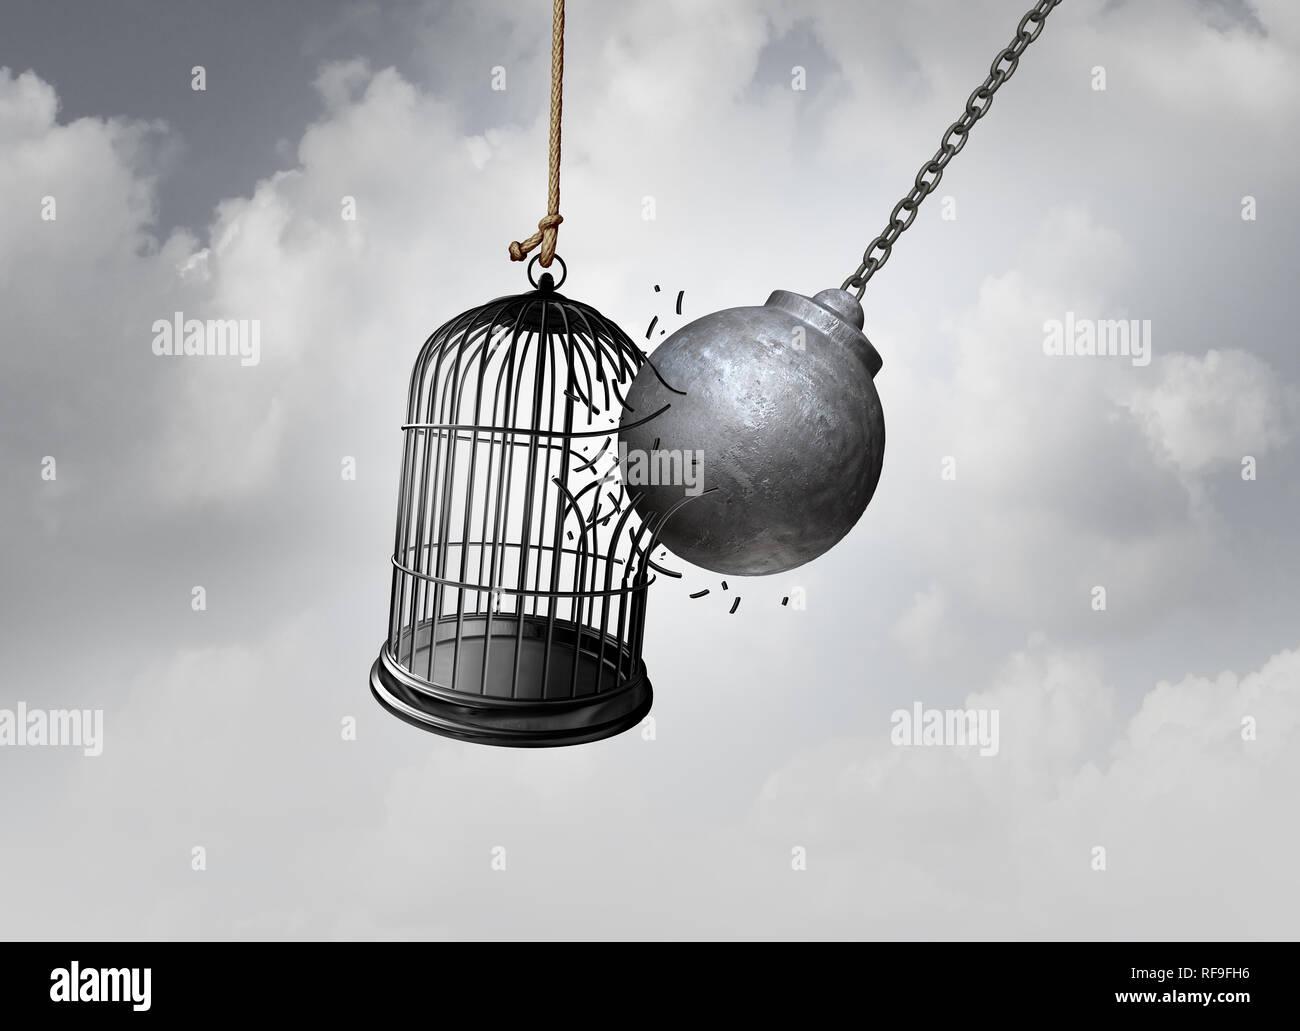 Freedom Cage und kostenfreie Konzept wie eine Abrissbirne befreiende einem Vogelkäfig Aufbrechen ein Gefängnis als abstrakte Idee des austretenden eine Neigung zu brechen. Stockbild